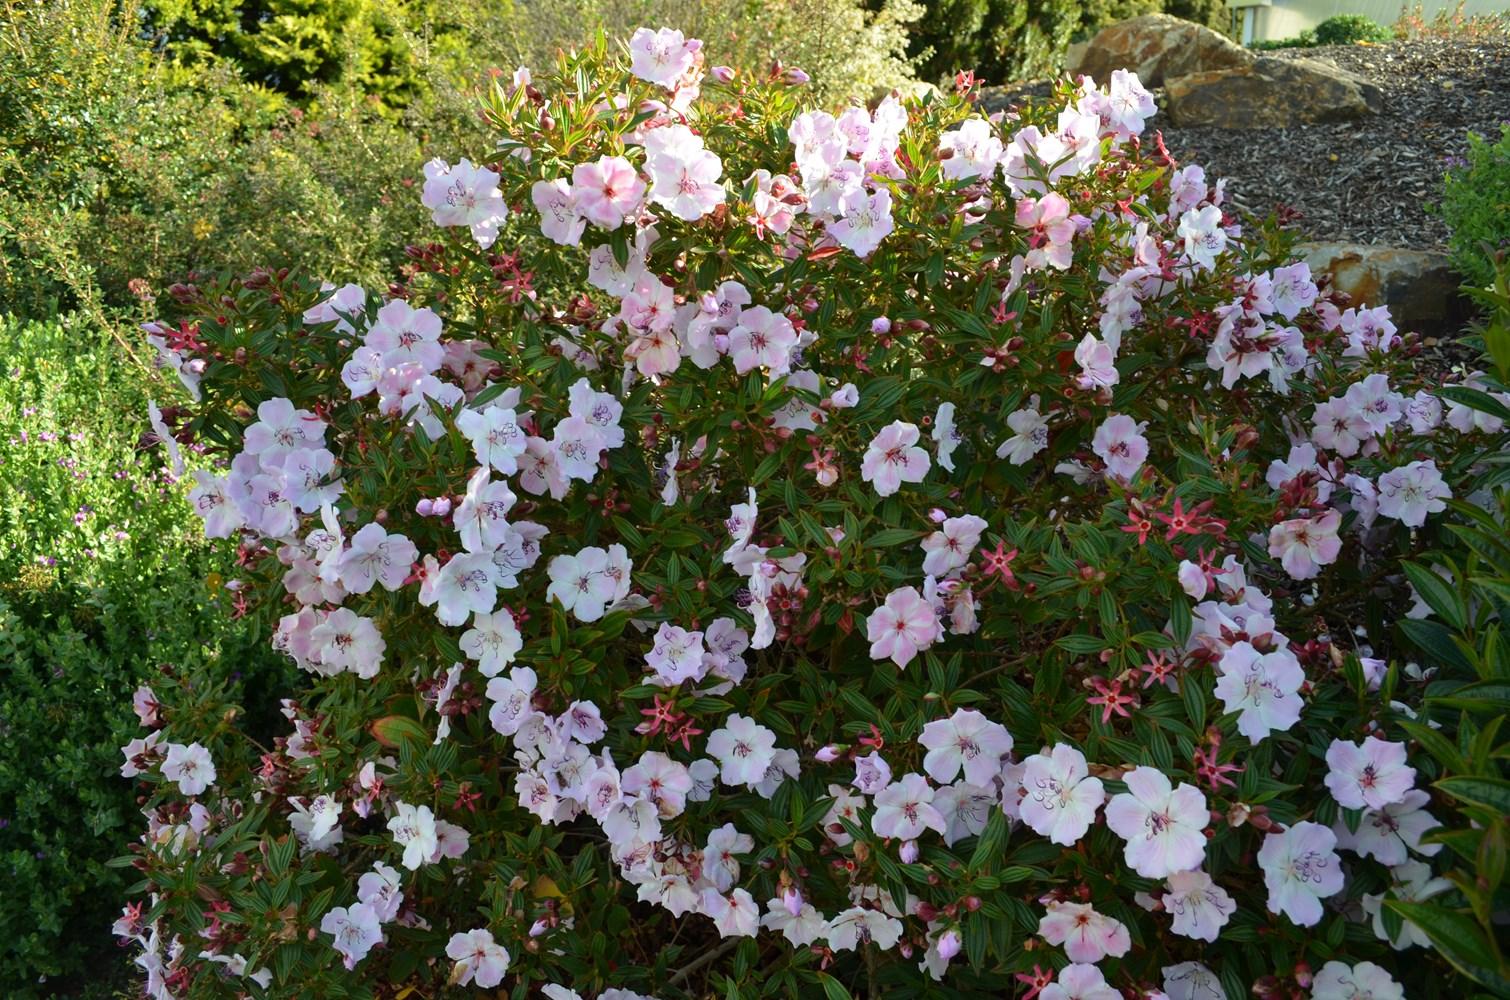 Website/Plants/1712310008/Images/Gallery/t_foxxybaby_03.0.JPG